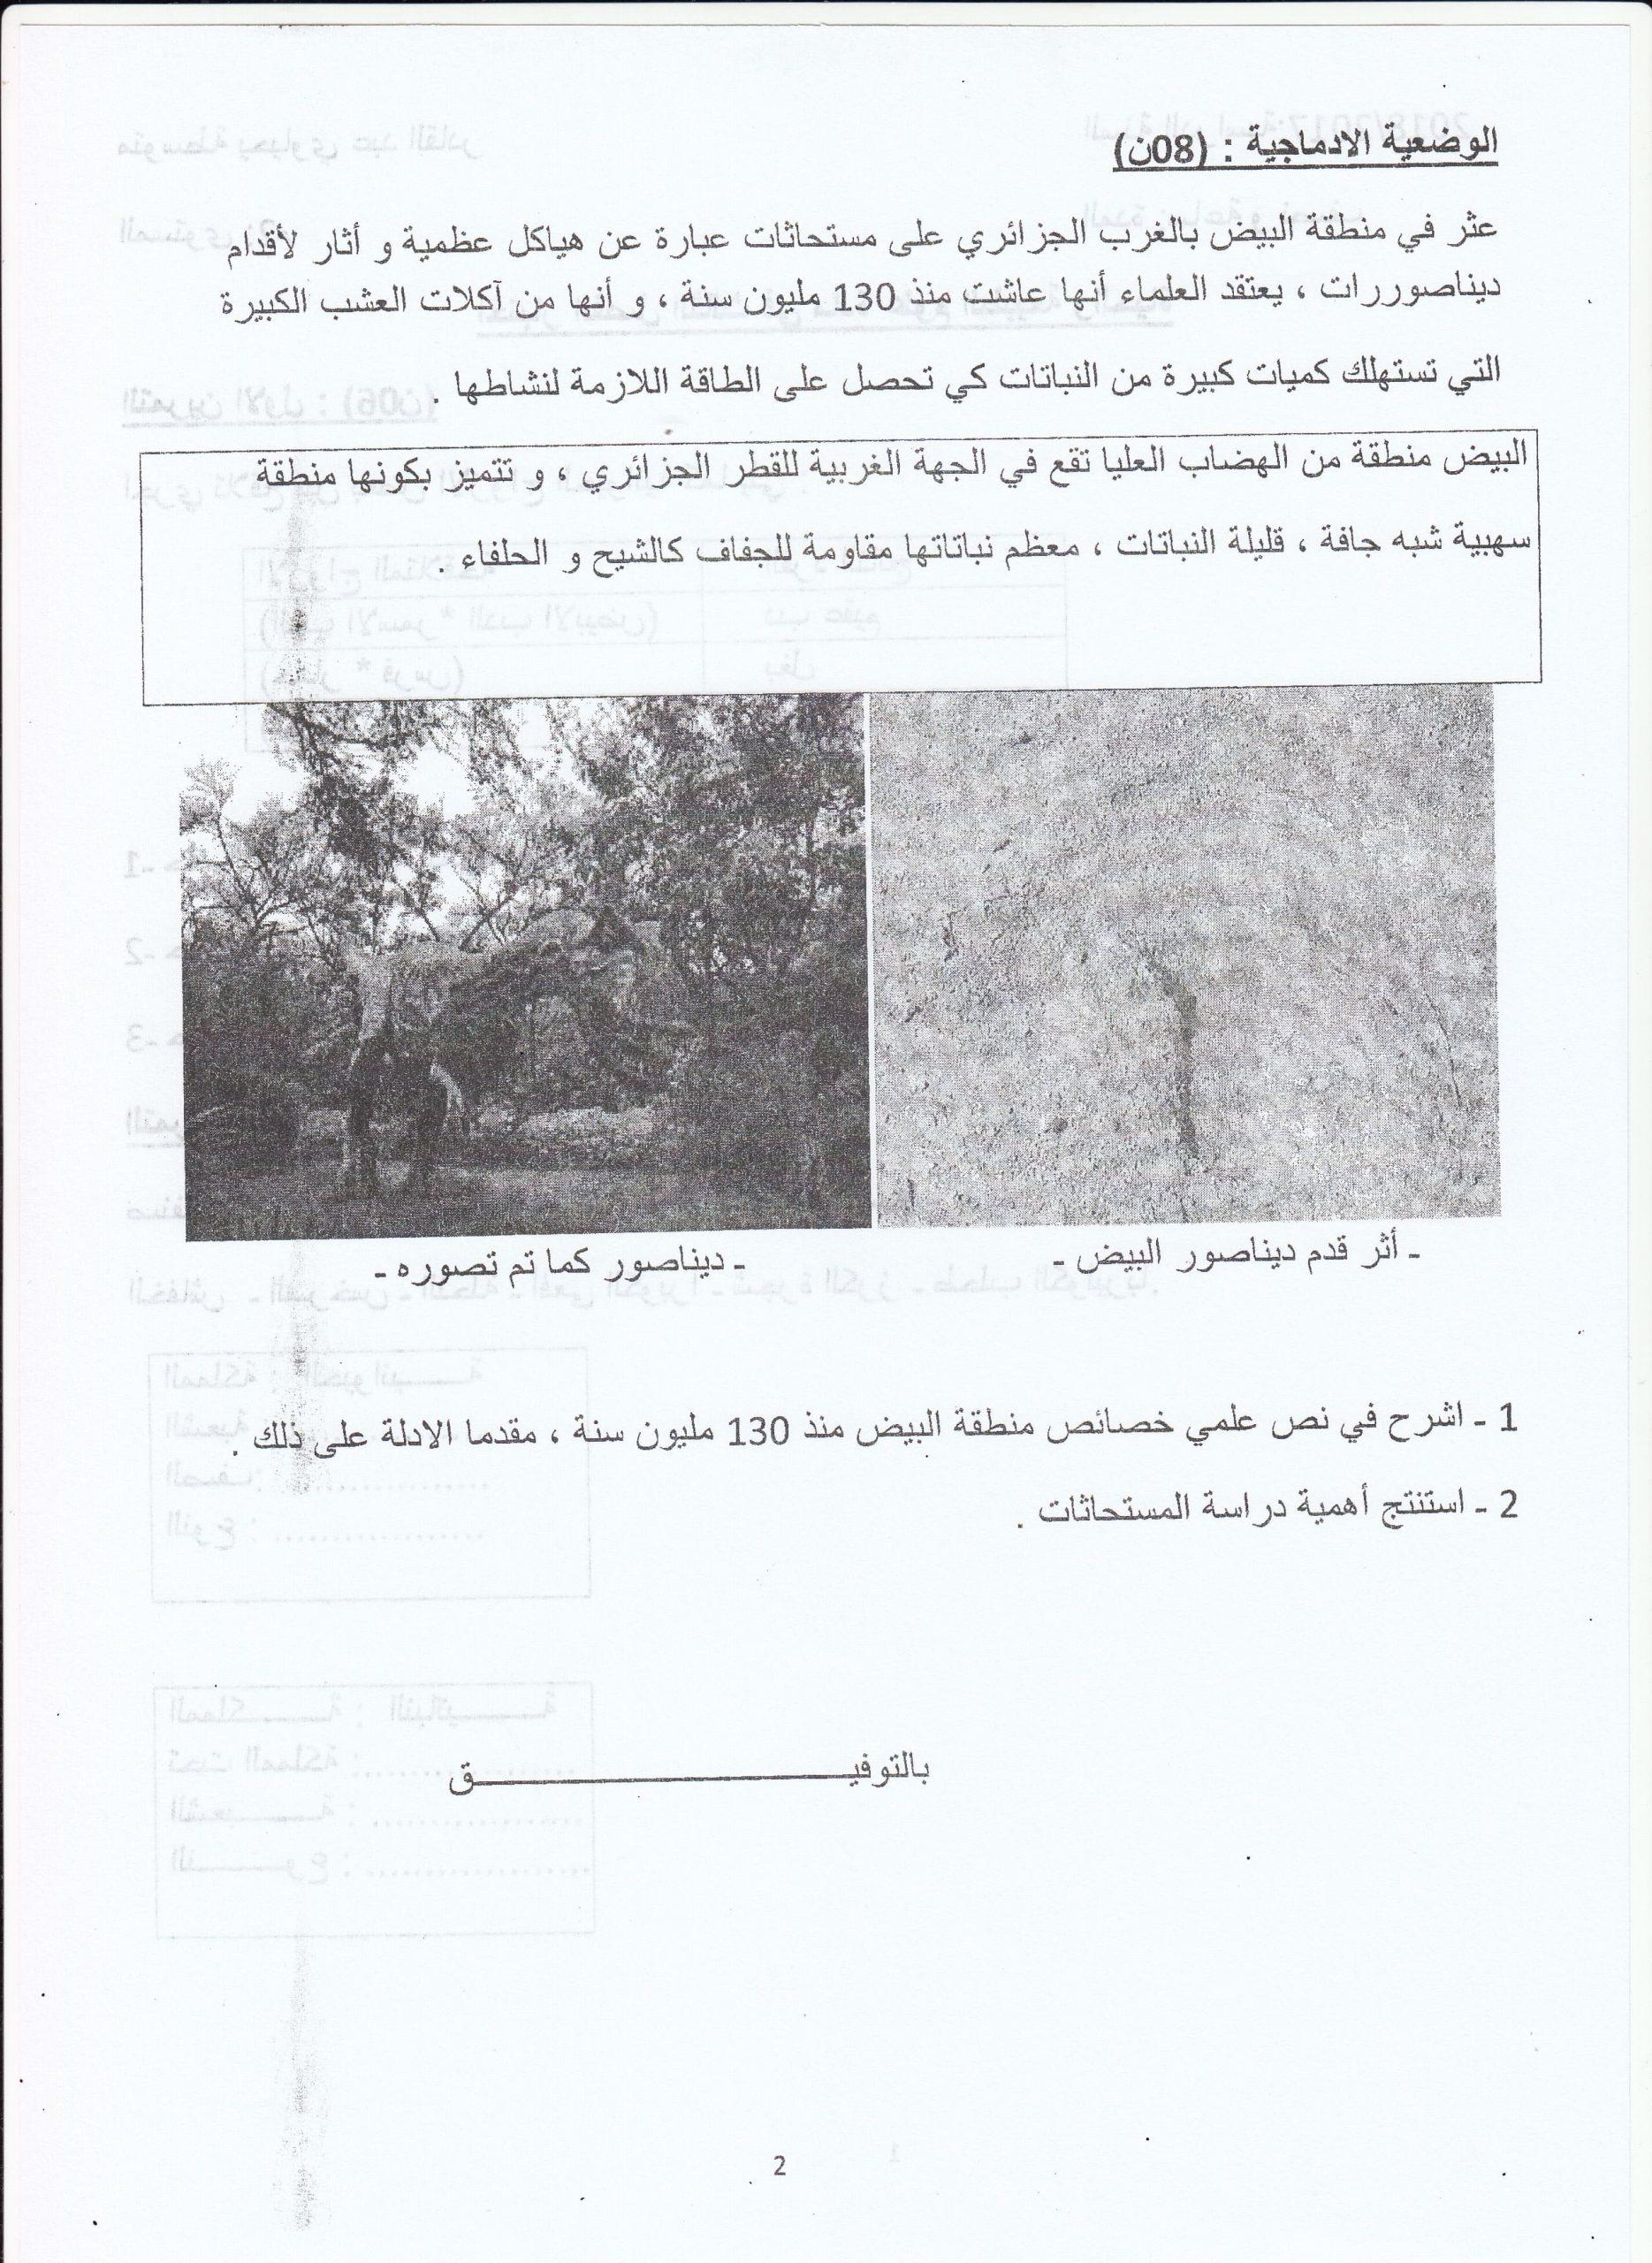 اختبار الفصل الثالث في العلوم الطبيعية السنة الثانية متوسط - الموضوع 08